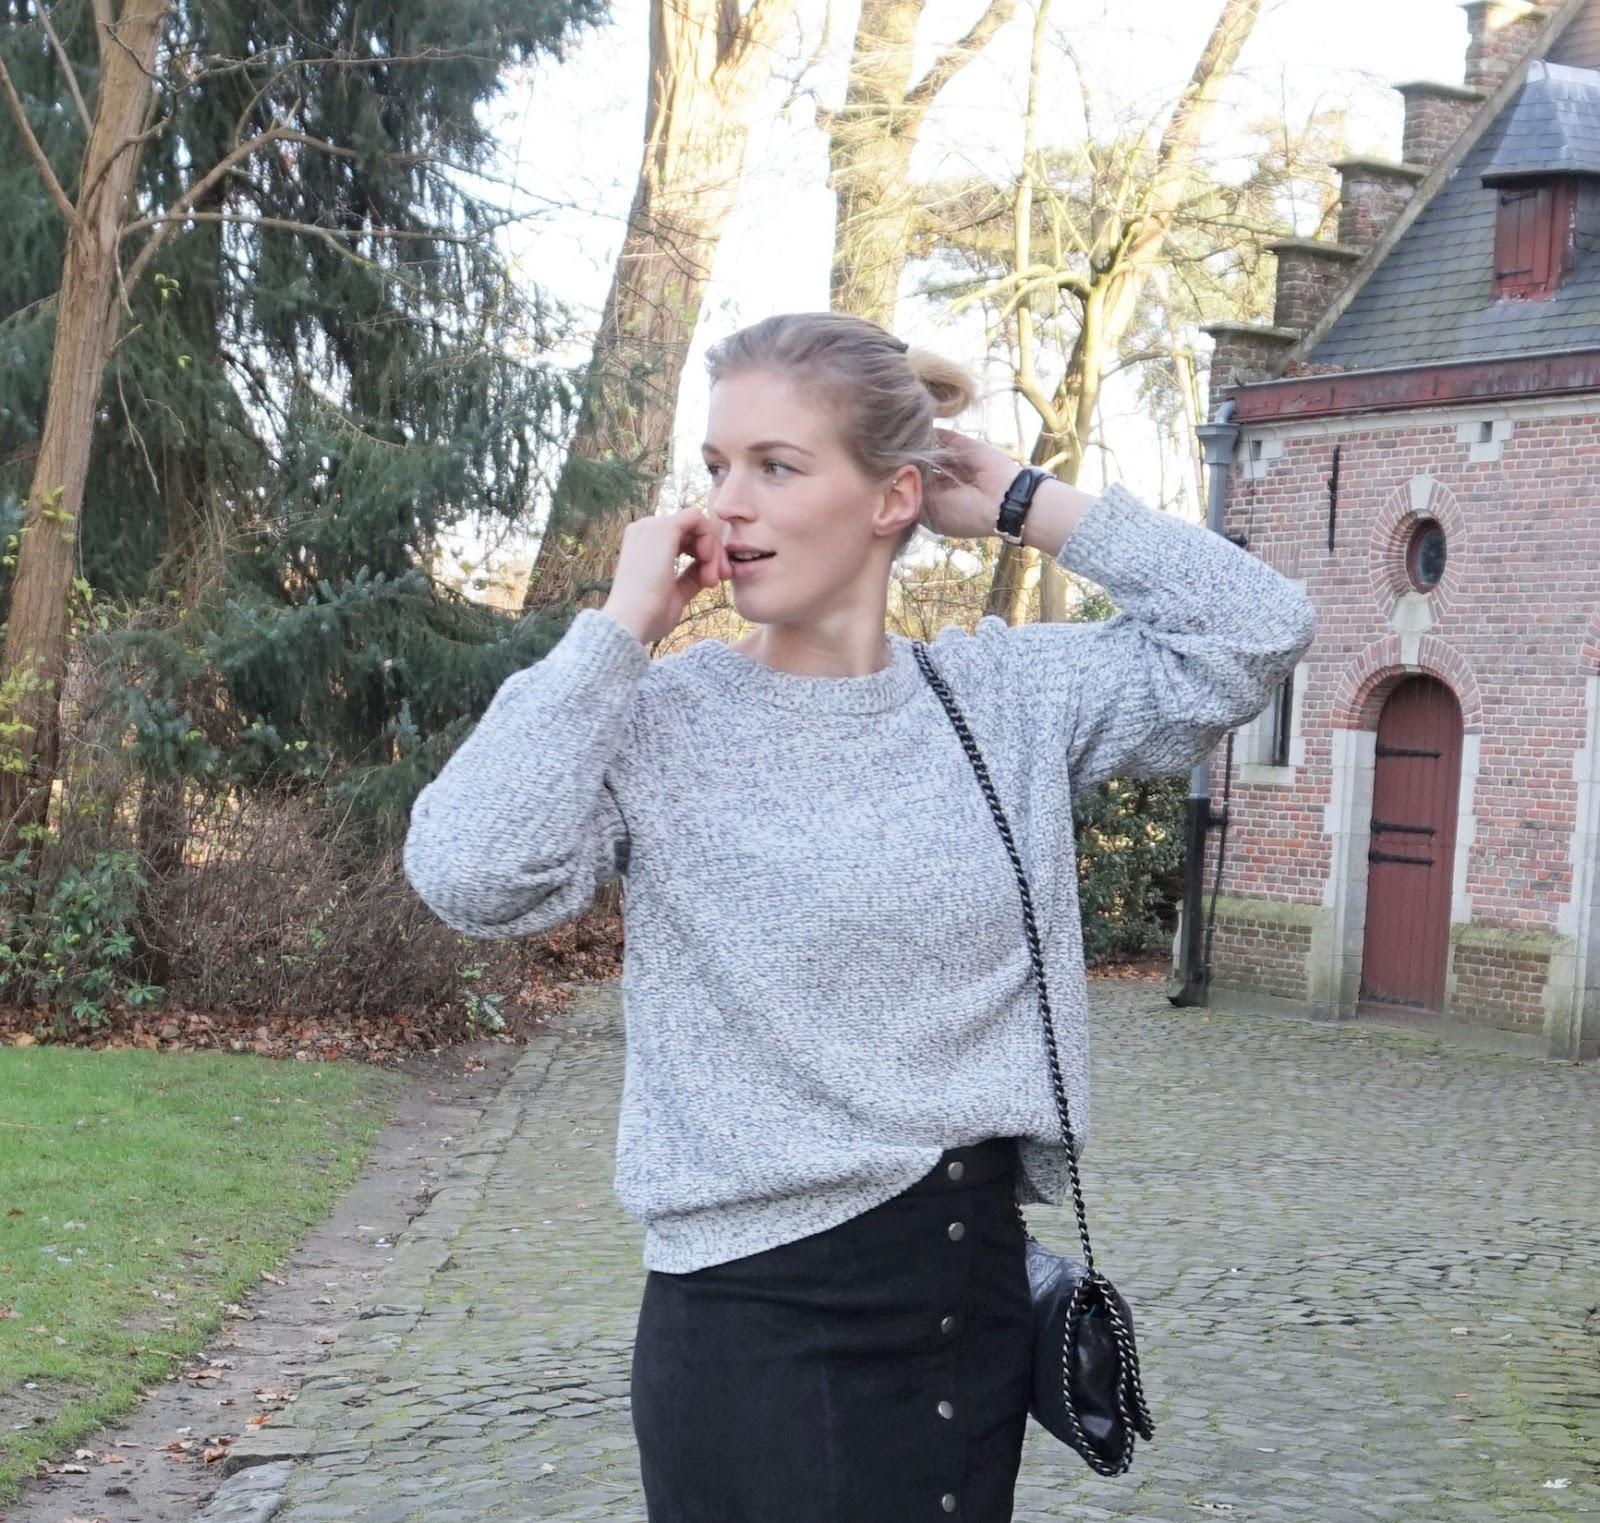 DSC00909 | Eline Van Dingenen